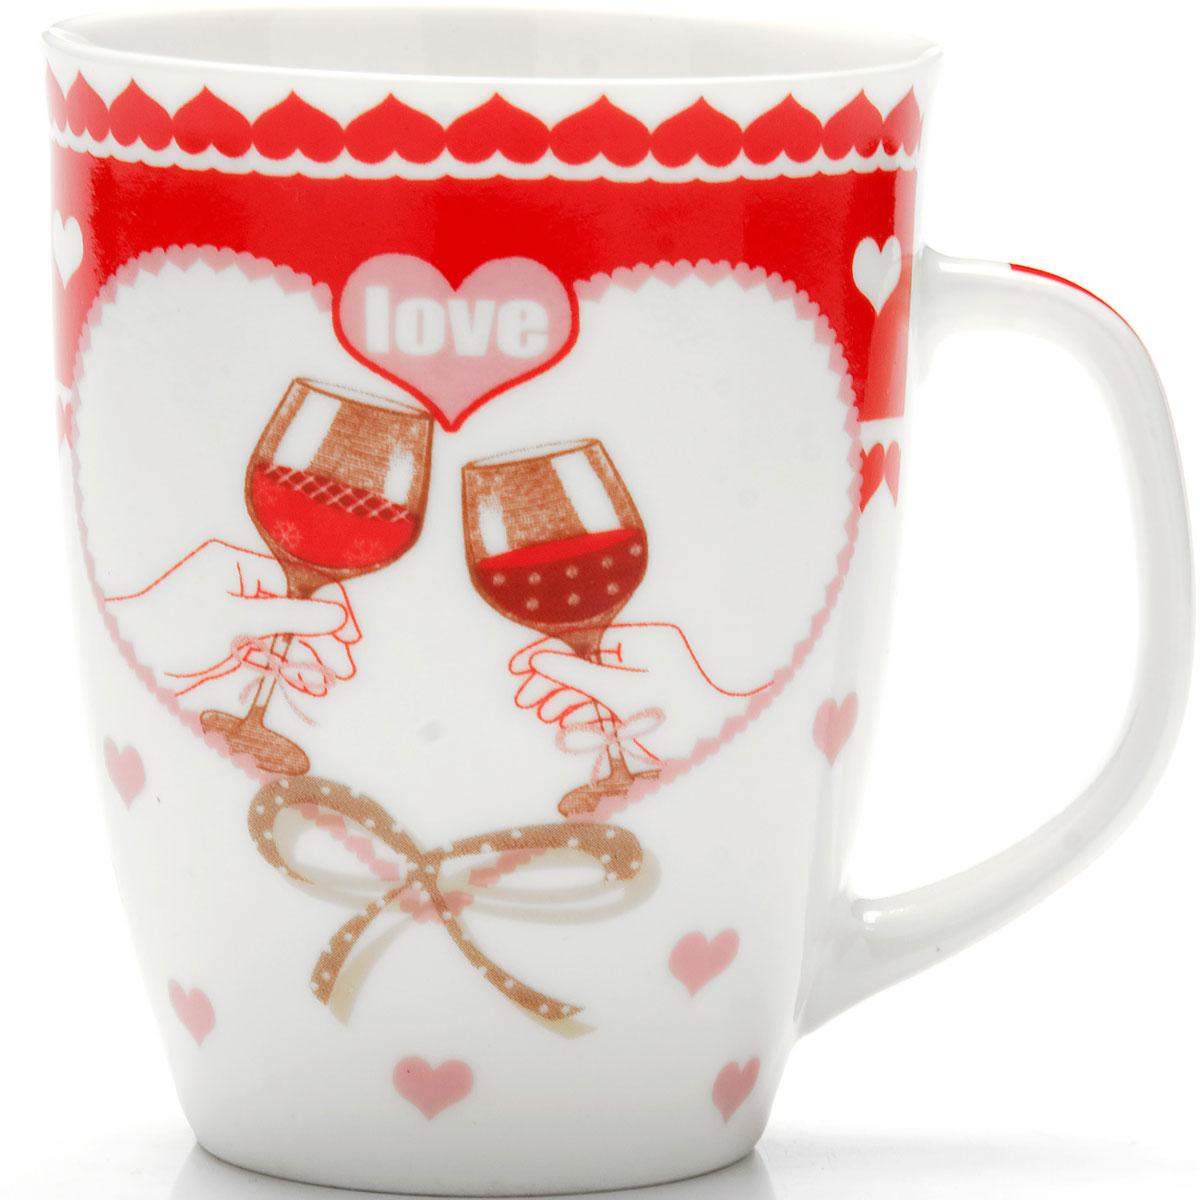 Кружка Loraine Love, 340 мл. 2597425974Кружка изготовлена из высококачественной керамики и украшена дизайнерским рисунком. Посуда из этого материала позволяет максимально сохранить полезные свойства и вкусовые качества воды.Объем кружки: 340 мл.Диаметр кружки: 8 см.